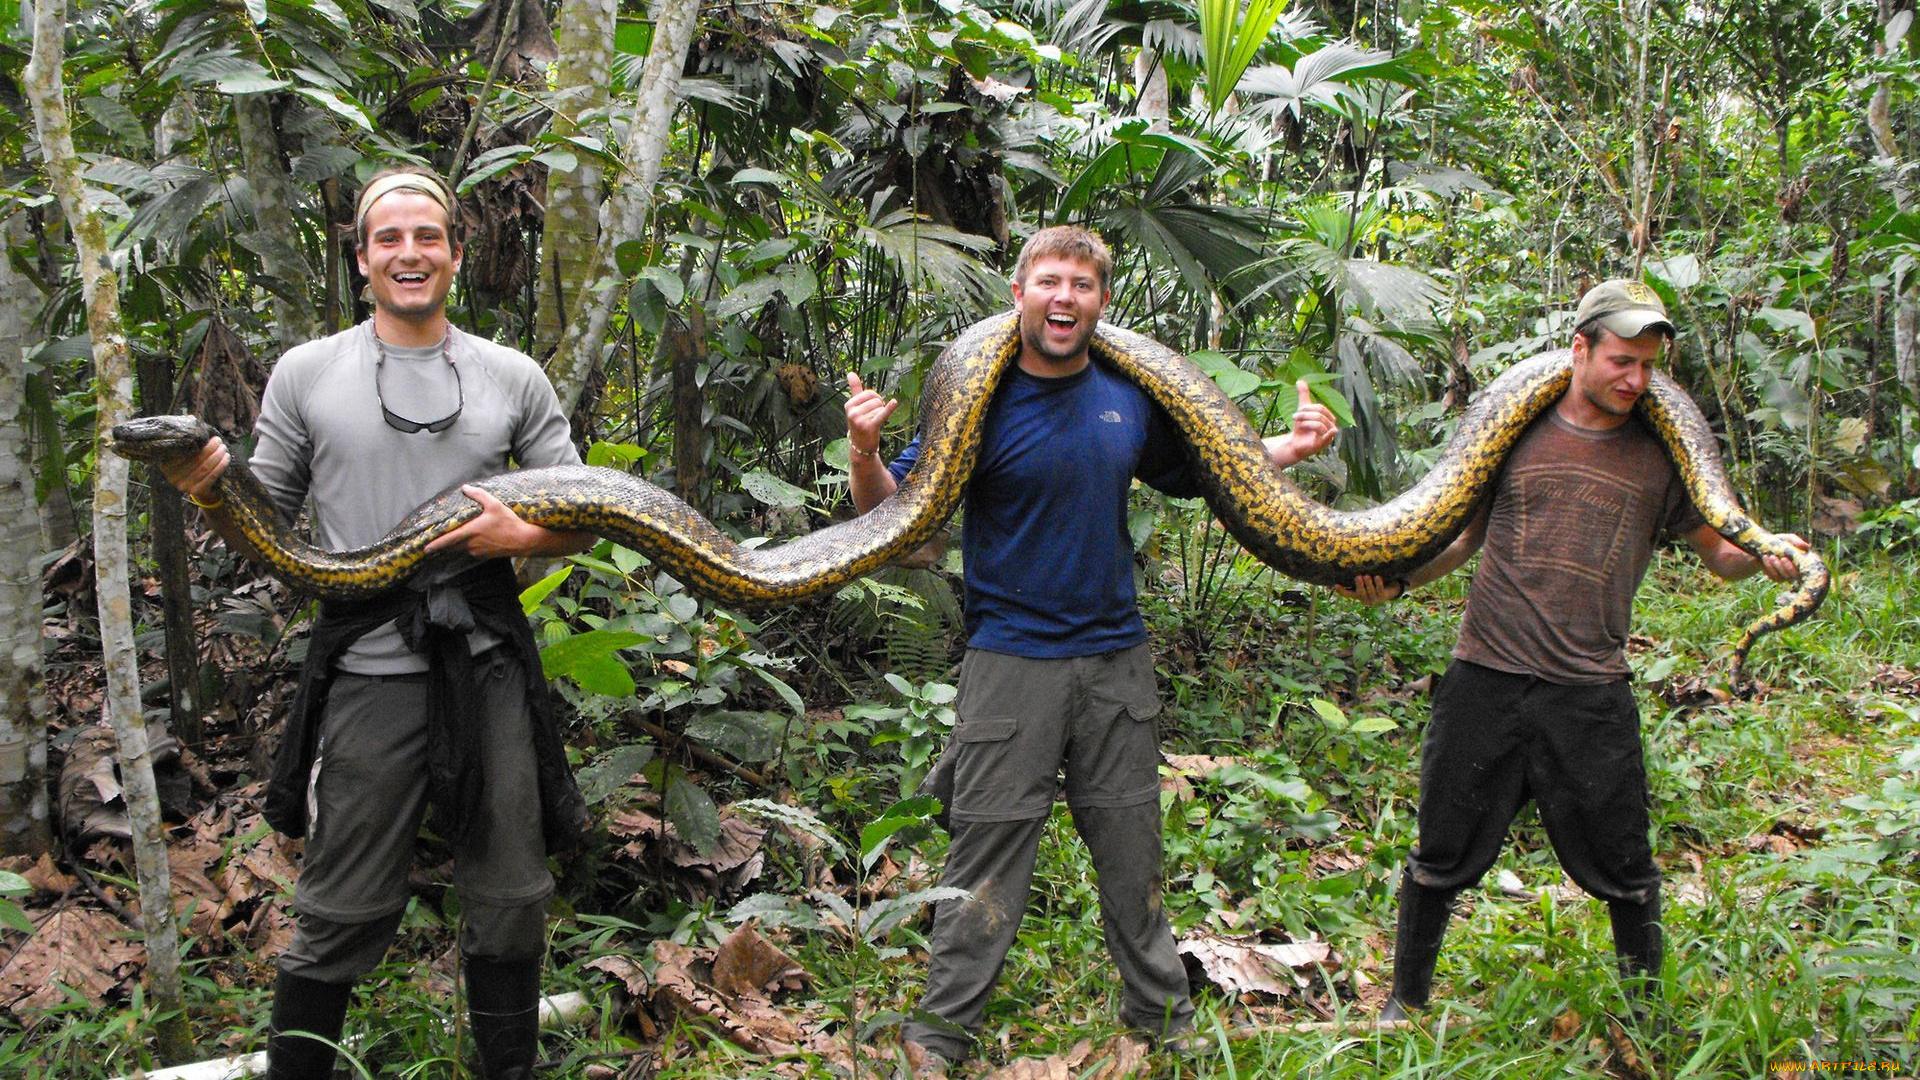 фото самых длинных змей на планете начале торжественной